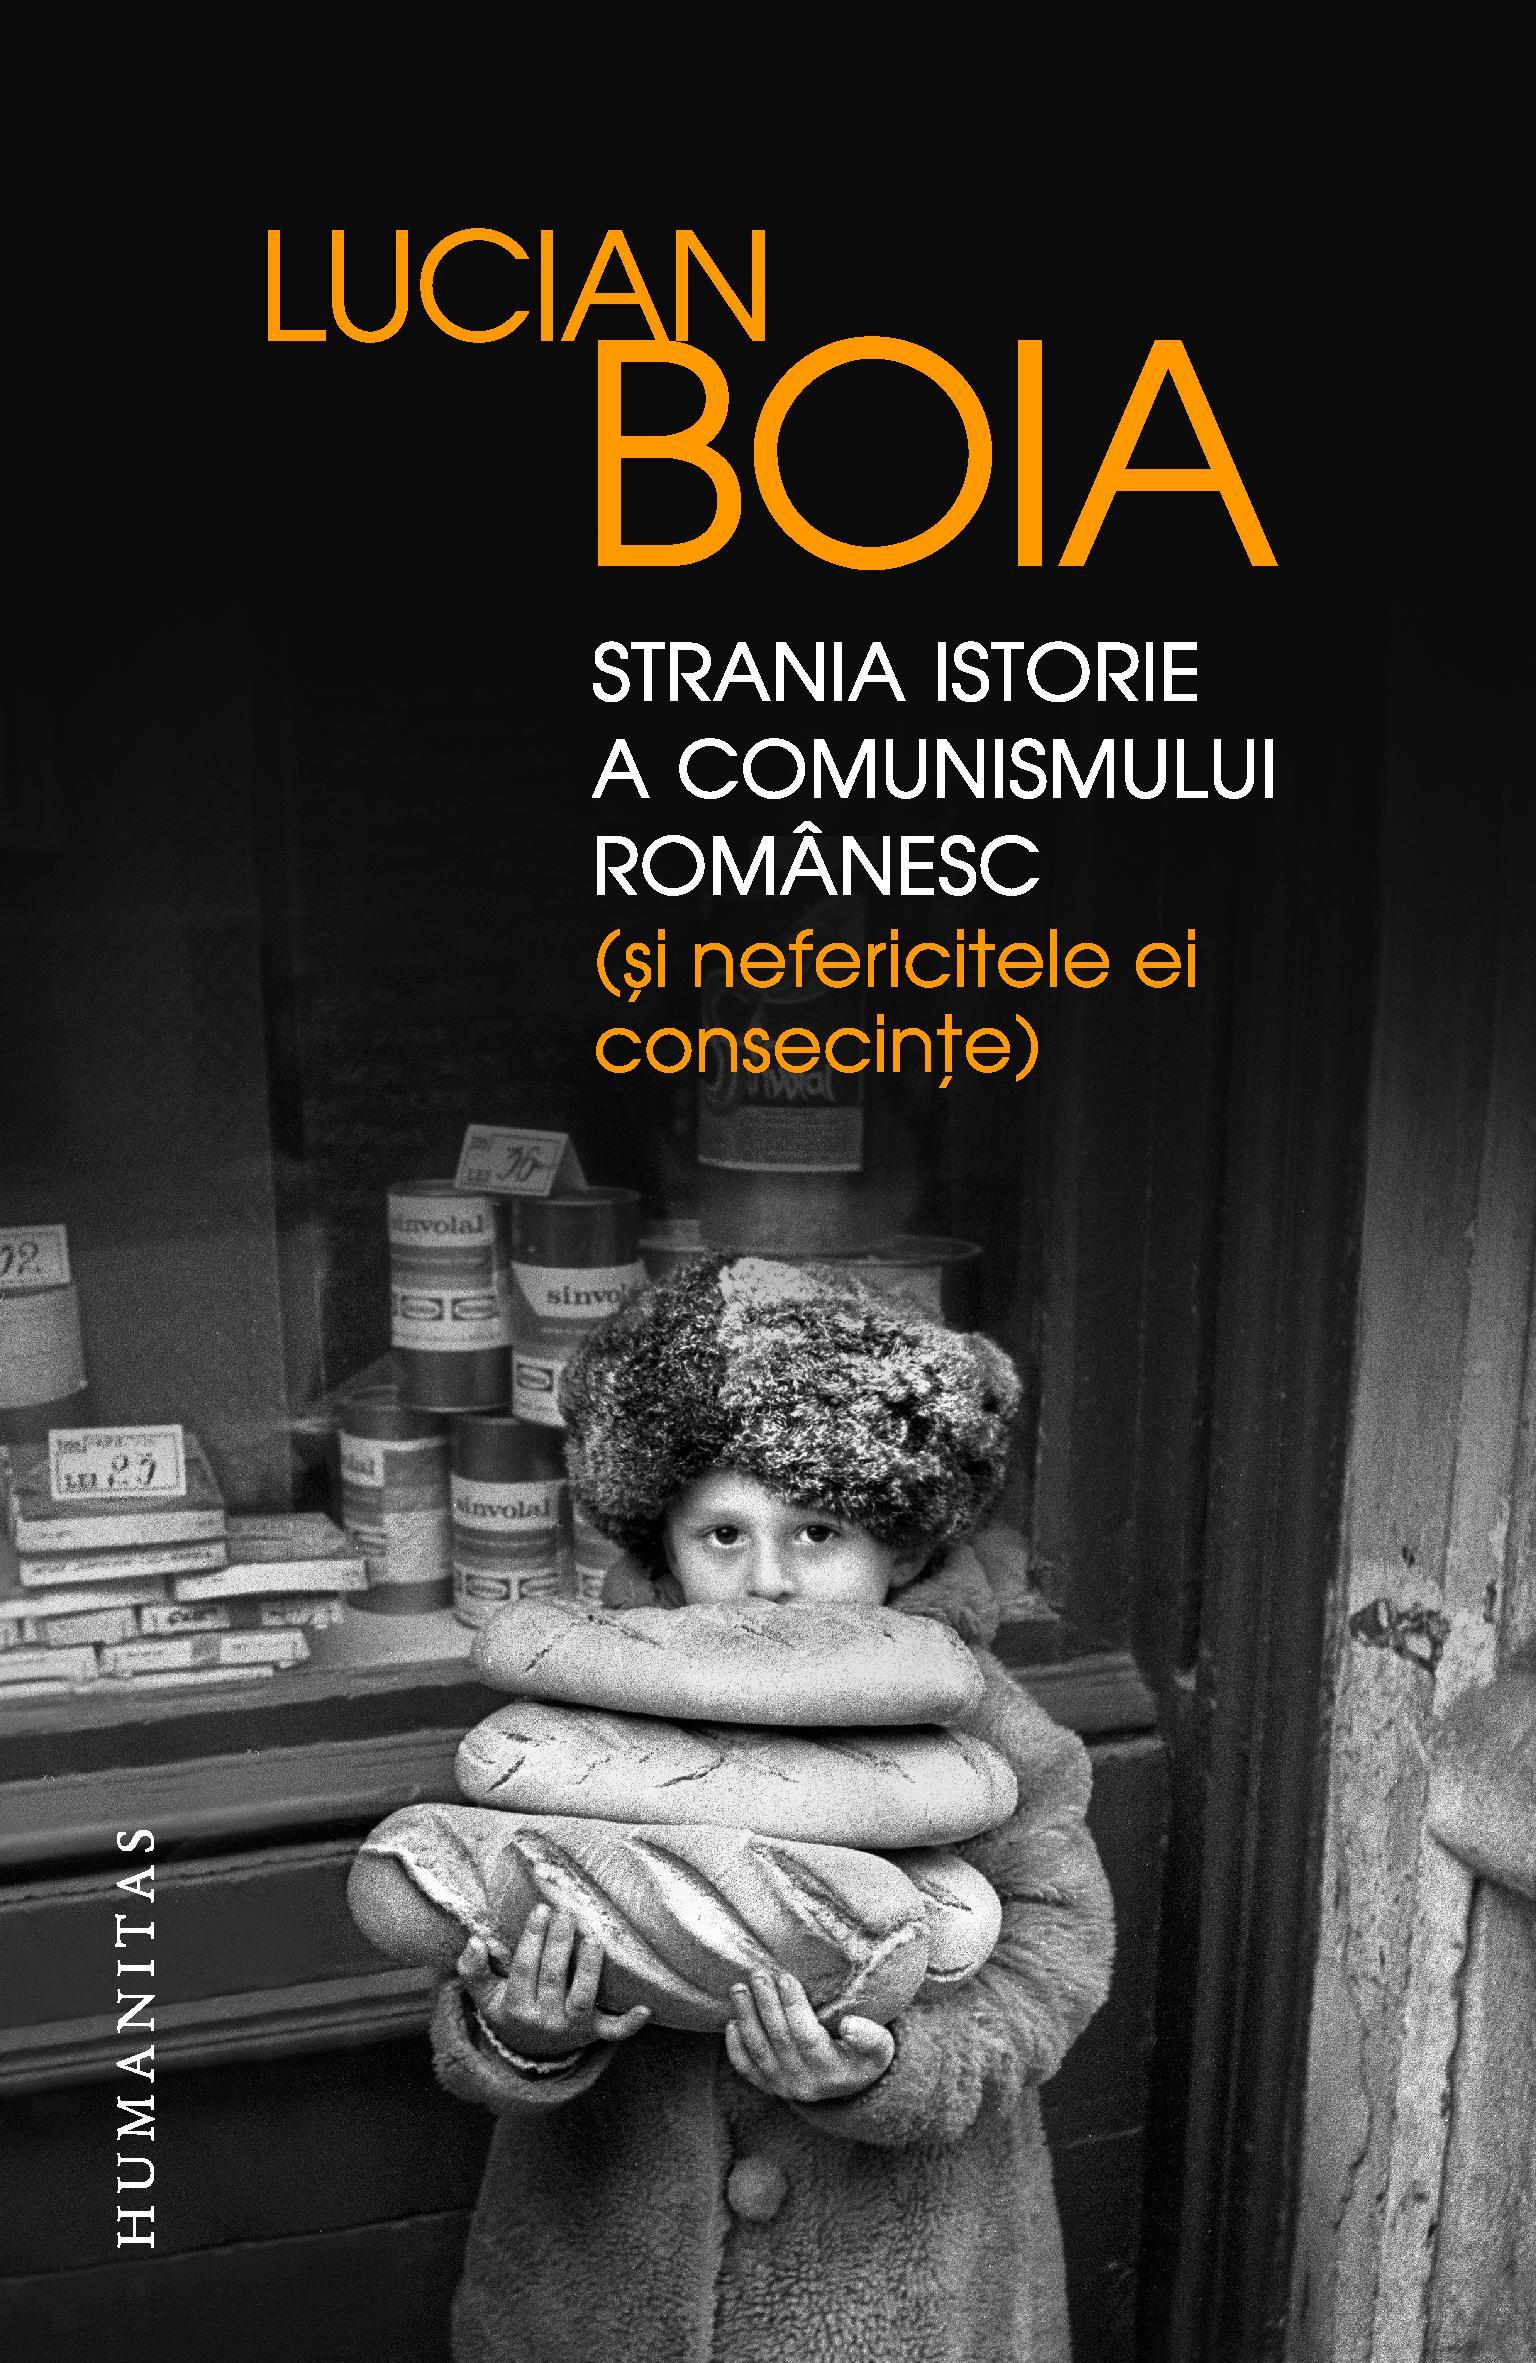 De ce e comunismul românesc altfel?